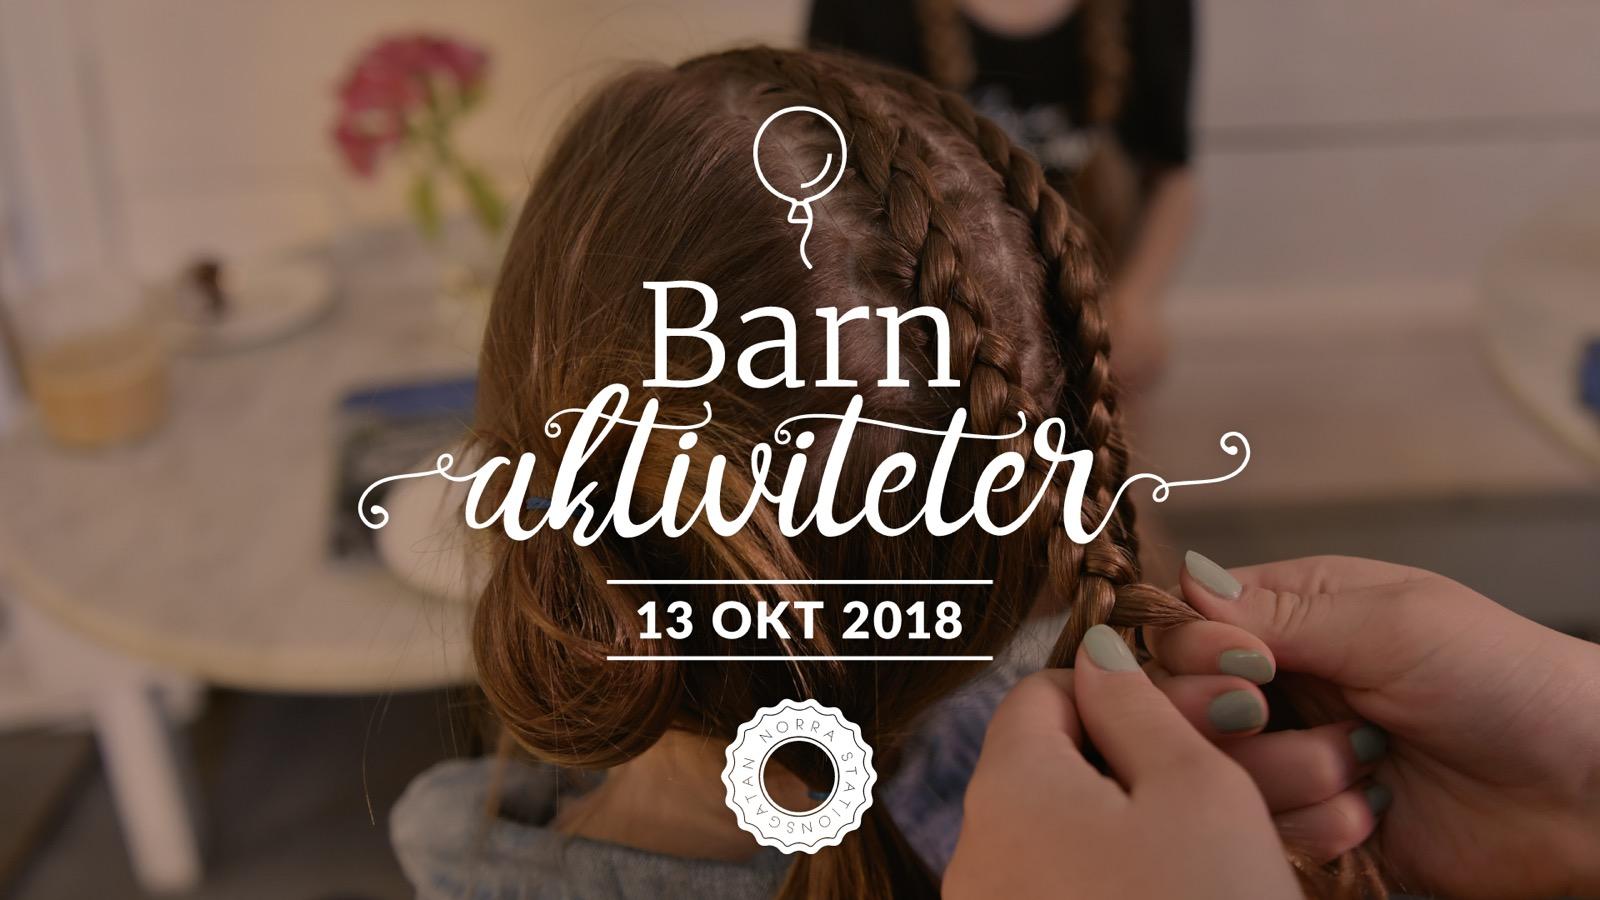 Barnaktiviteter-Okt-2018-1920x1080px-1.jpg